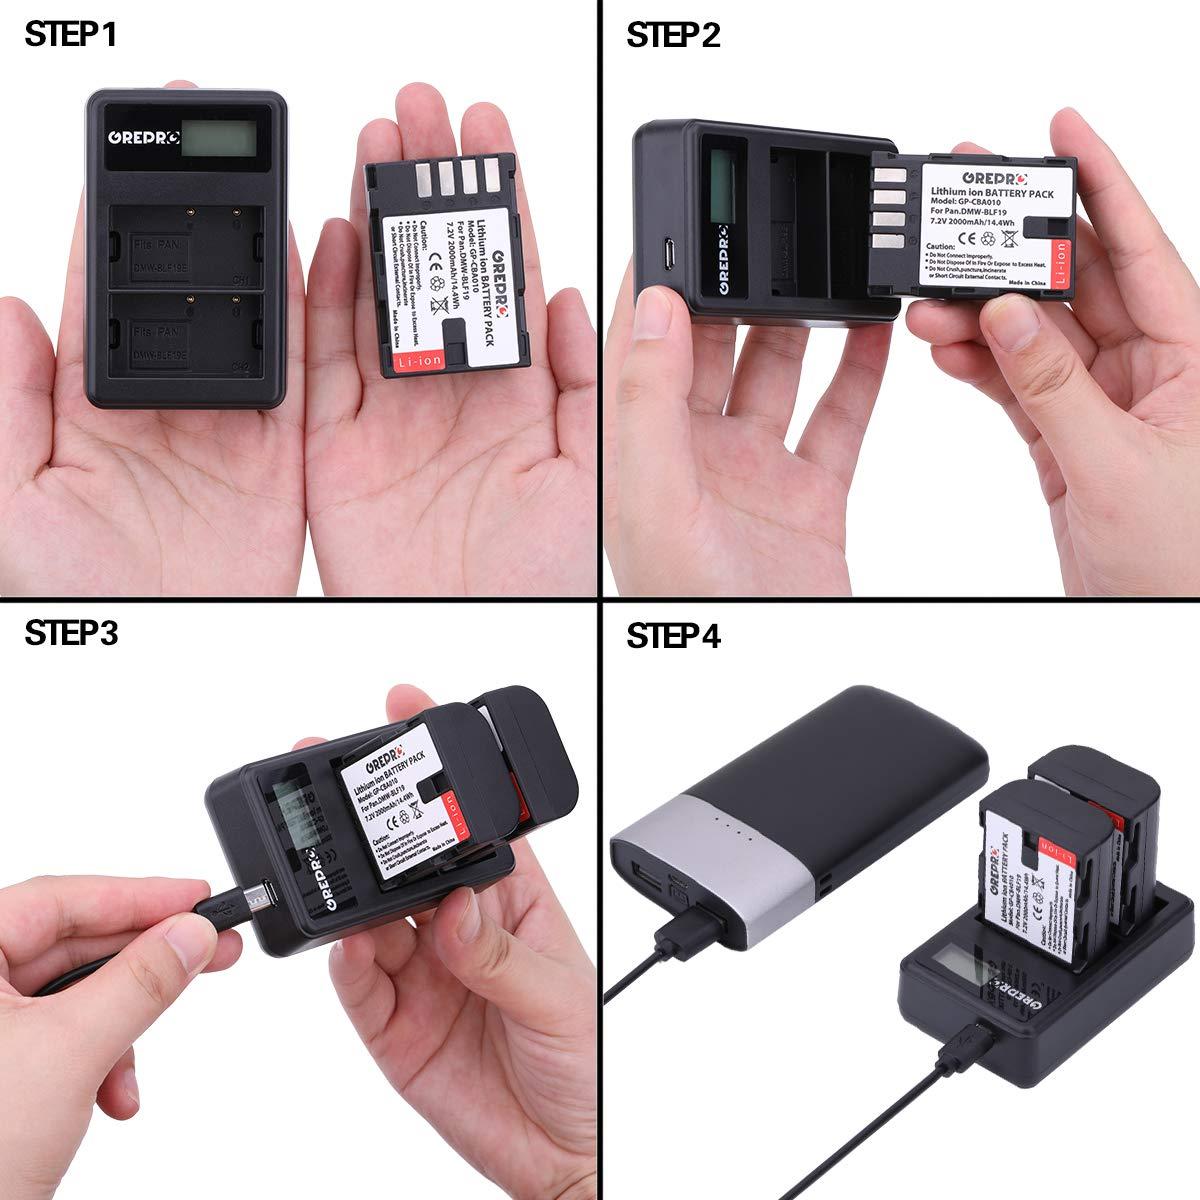 BP-511 Cargador Paquete de 2 Bater/ías de Repuesto con Cargador Dual USB para Canon EOS 50D 40D 30D 20Da 20D 10D 5D 300D Digital Rebel D30 D60 PowerShot G6 G5 G3 G2 G1 Pro 1 Pro 90 IS